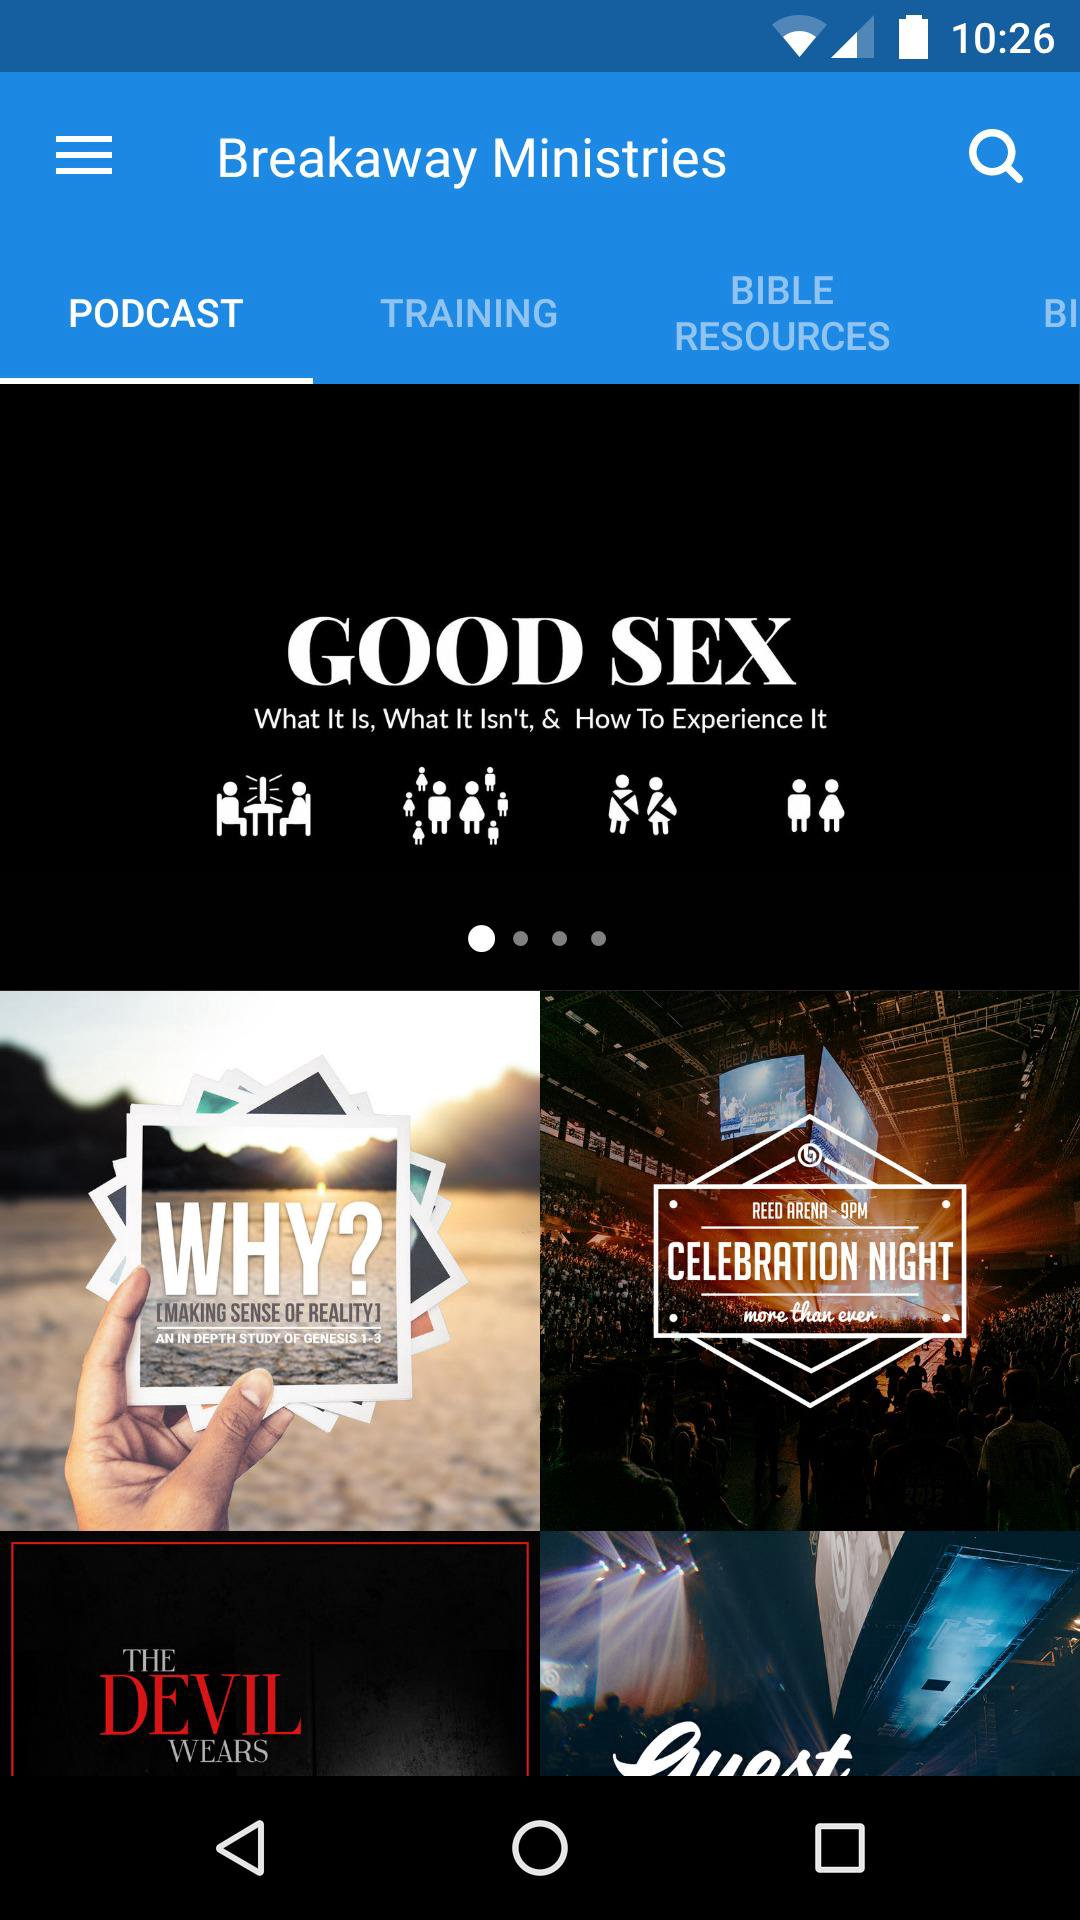 App - Breakaway Ministries